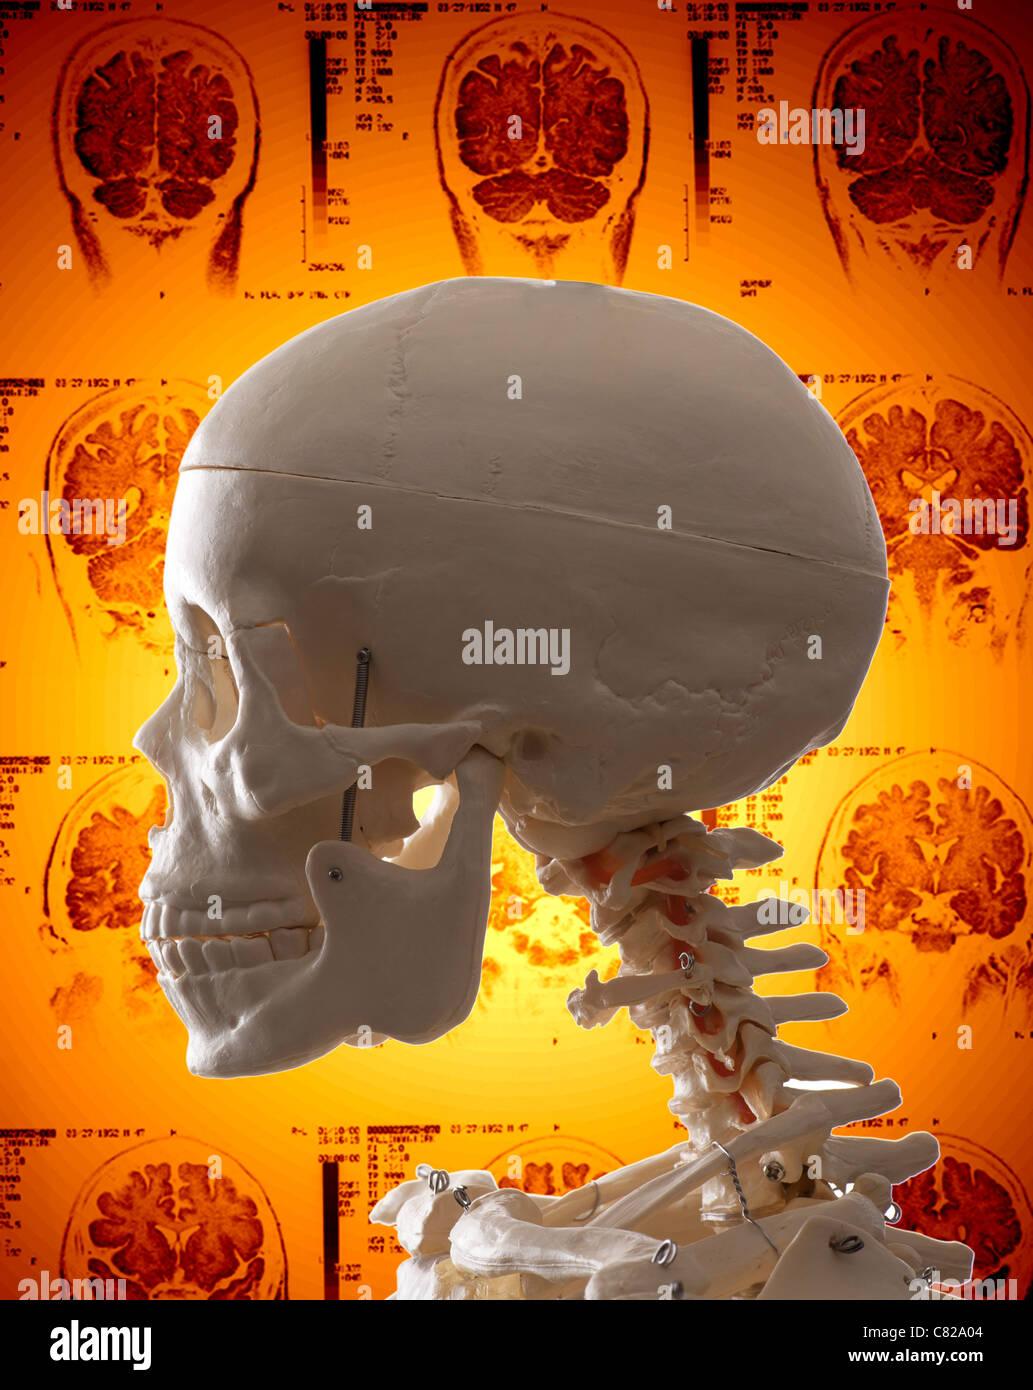 Concepto de la imagen de fondo y la RMN de cráneo humano Imagen De Stock